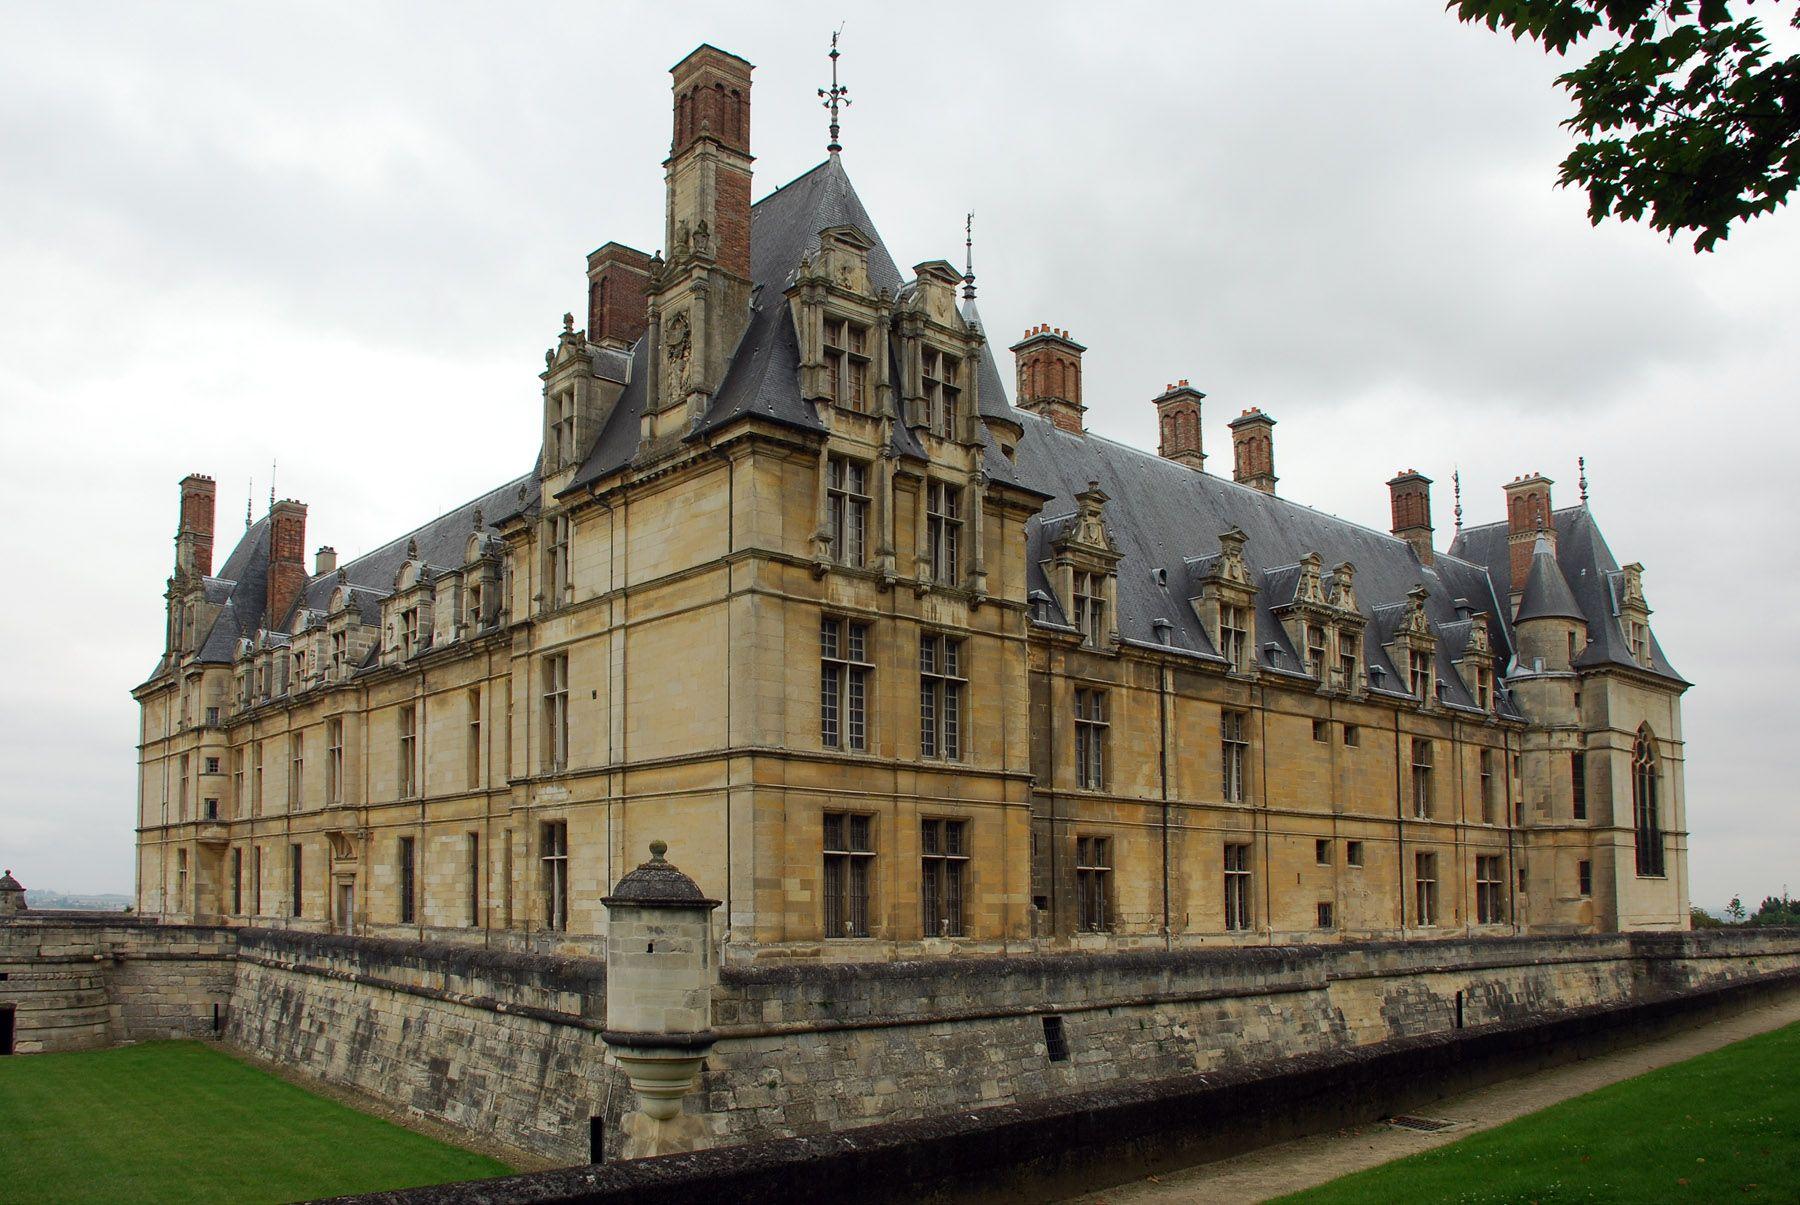 Chateau d'Ecouen